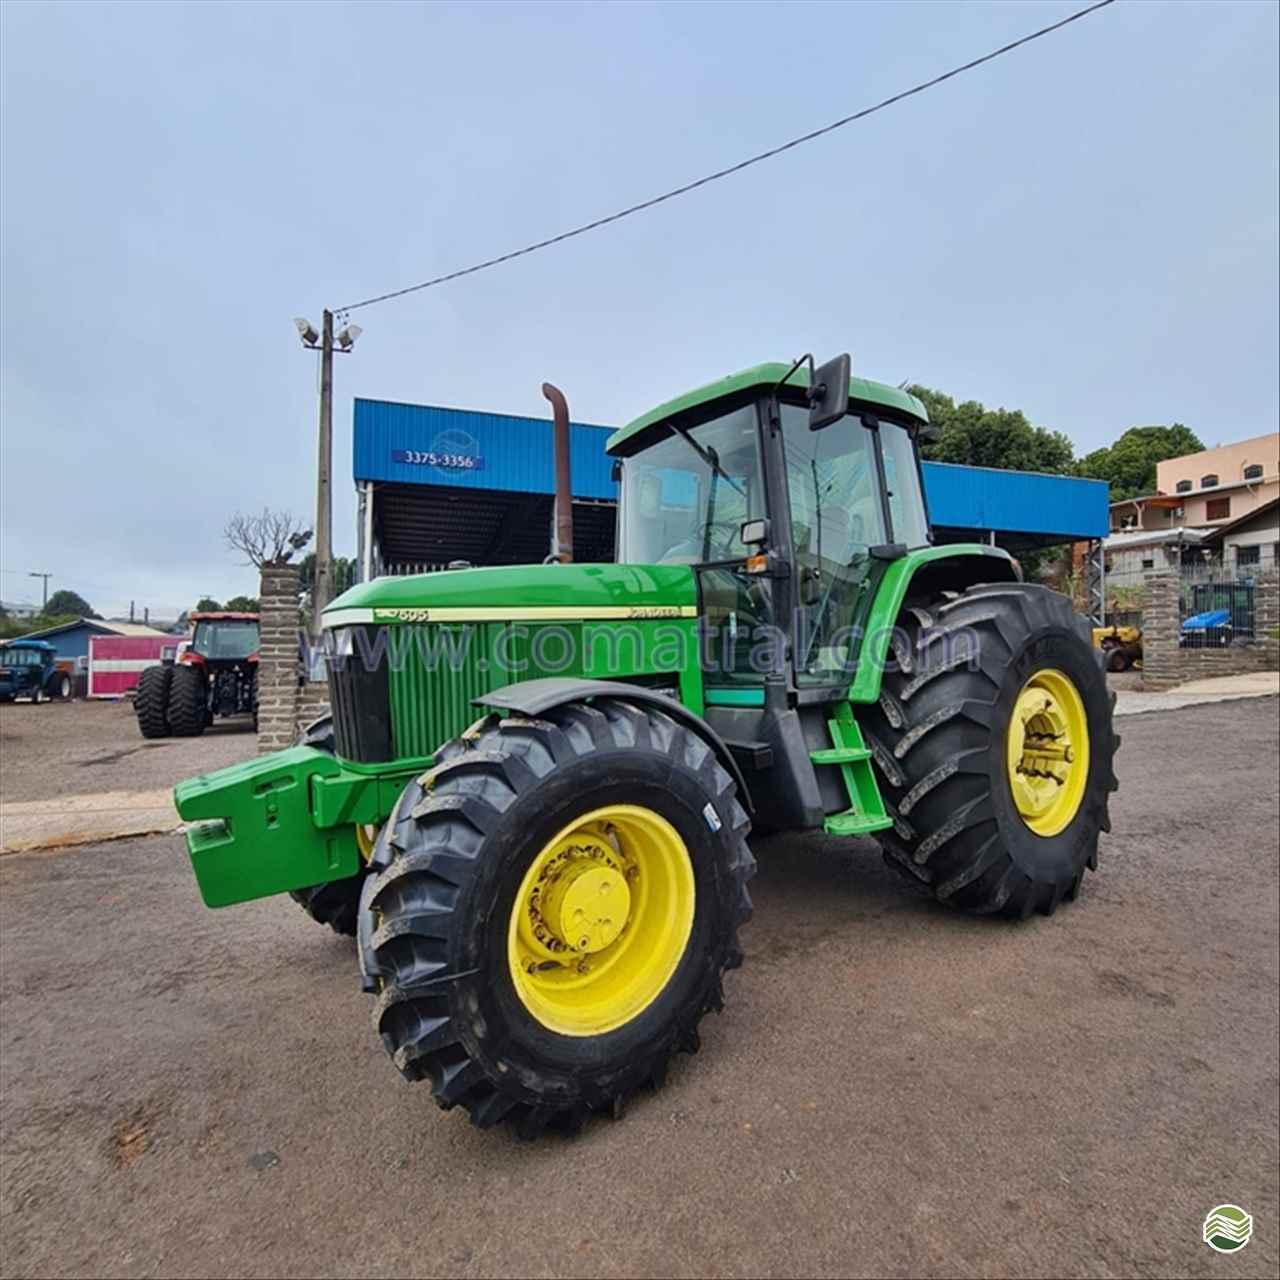 JOHN DEERE 7505 de Comatral Caminhões e Máquinas Agrícolas - PANAMBI/RS